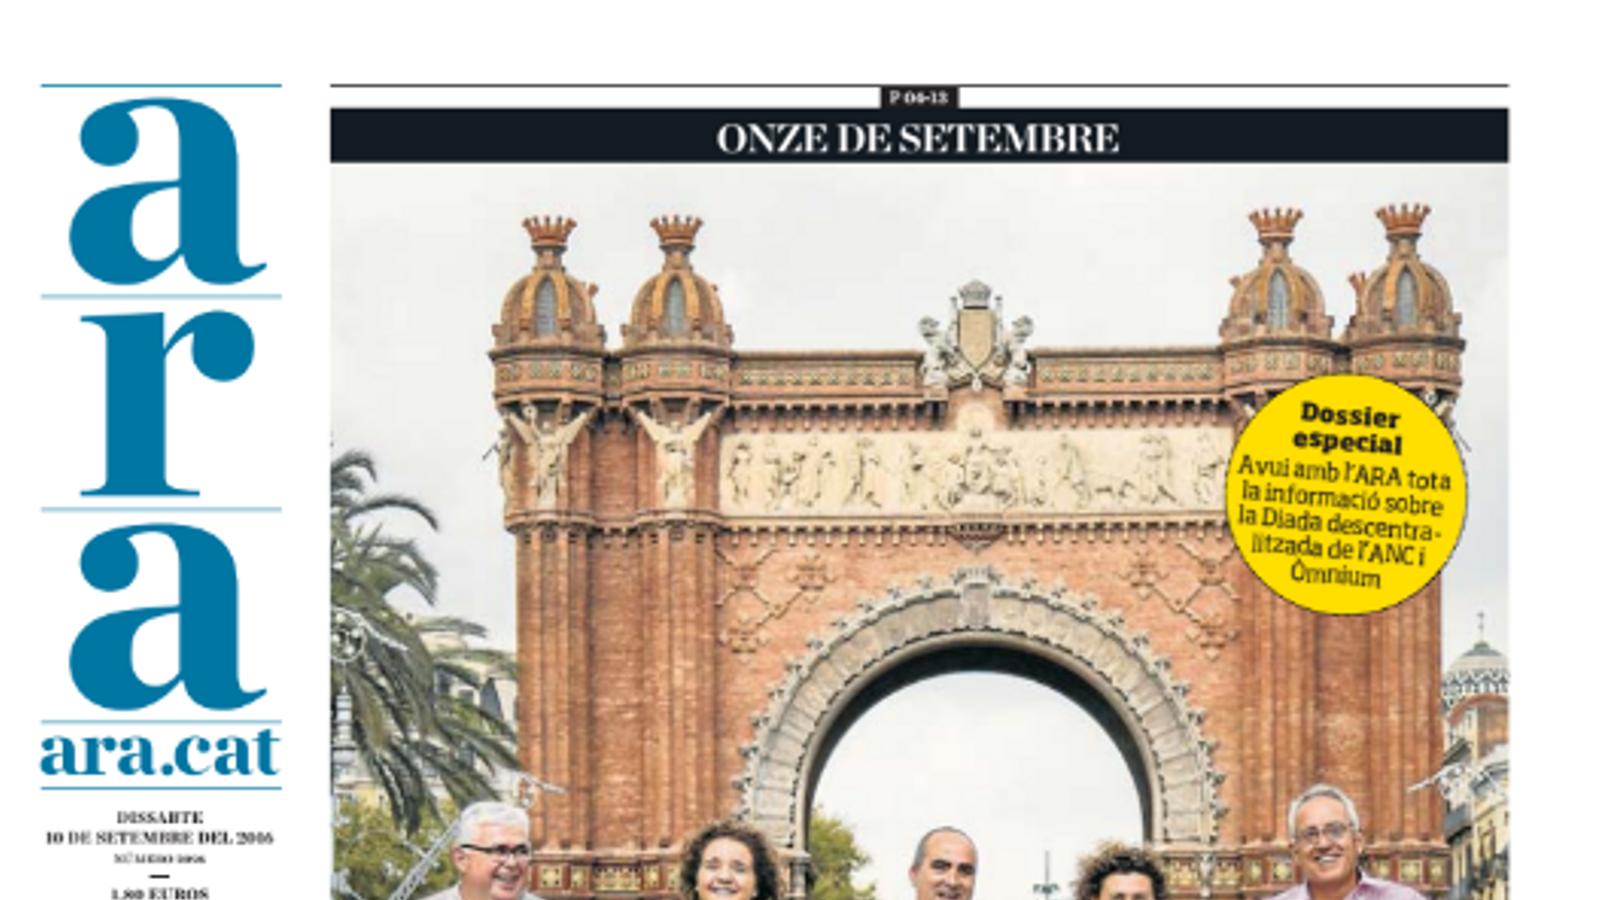 """""""Onze de setembre: un pas més"""", portada de l'ARA d'aquest dissabte"""